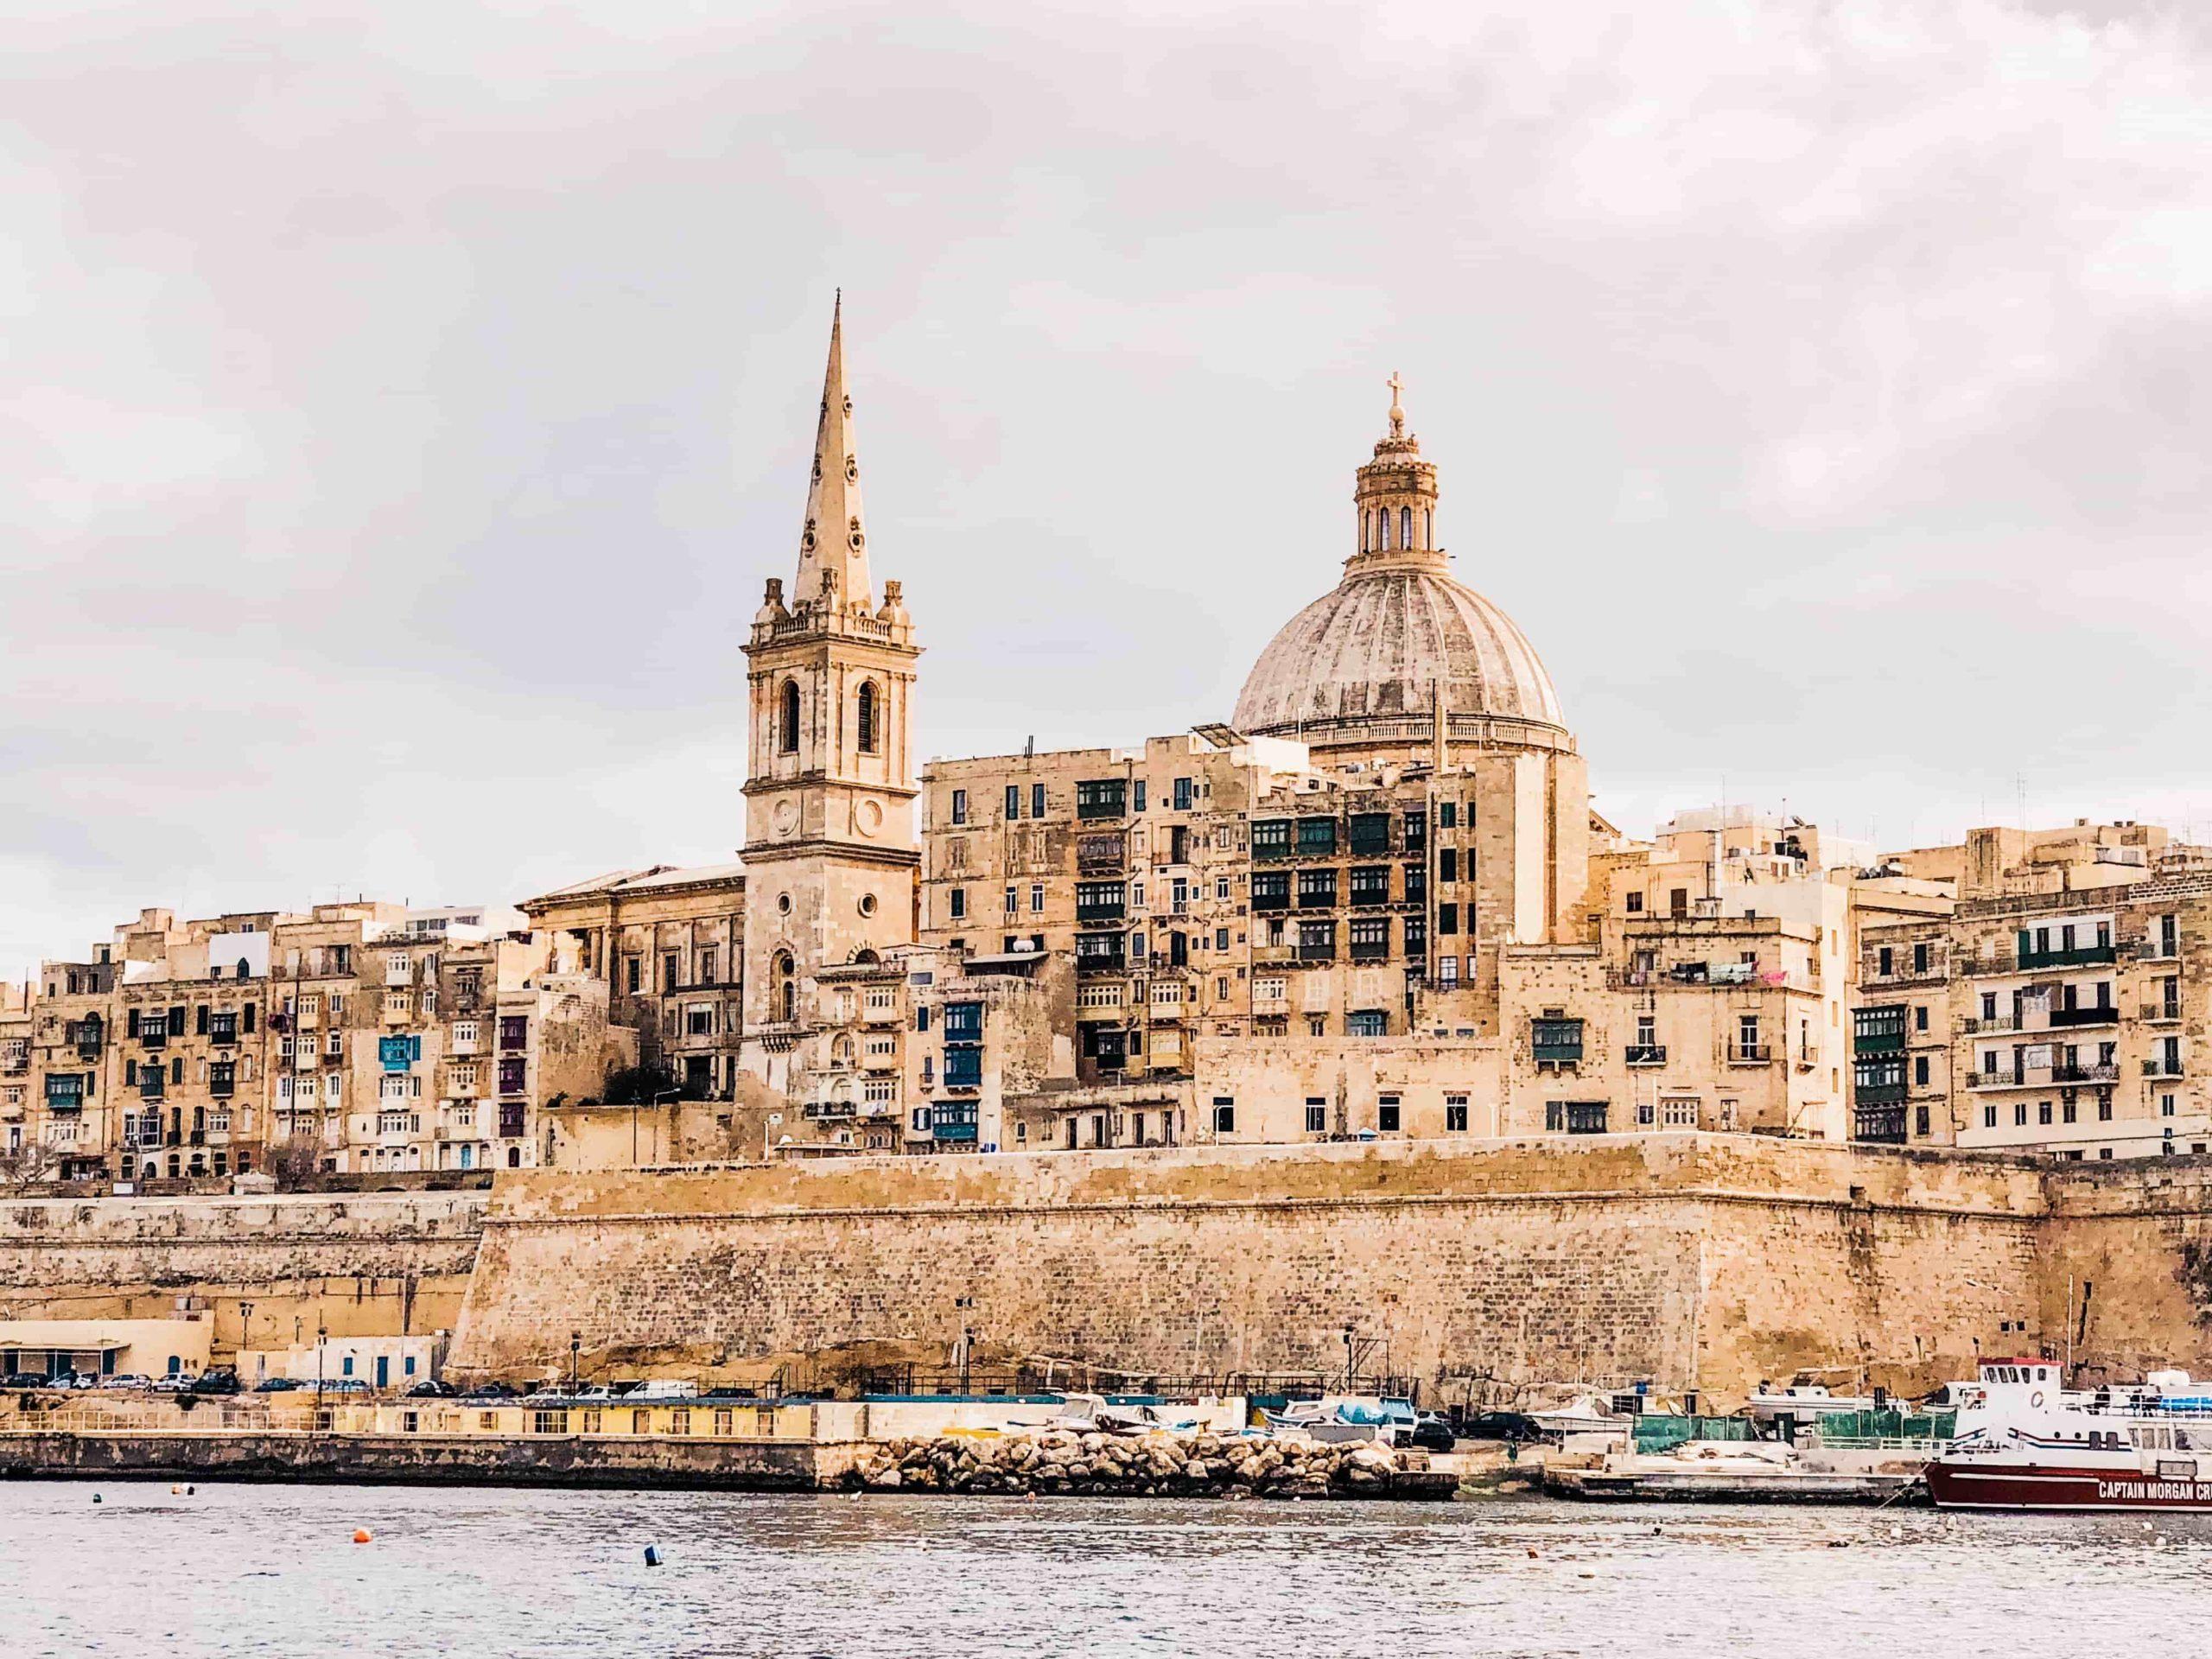 Städtereisen an Ostern, Tipps für Osterurlaub, Städtetrip an Ostern, Valletta Sehenswürdigkeiten, Waterfront Valletta Three Cities